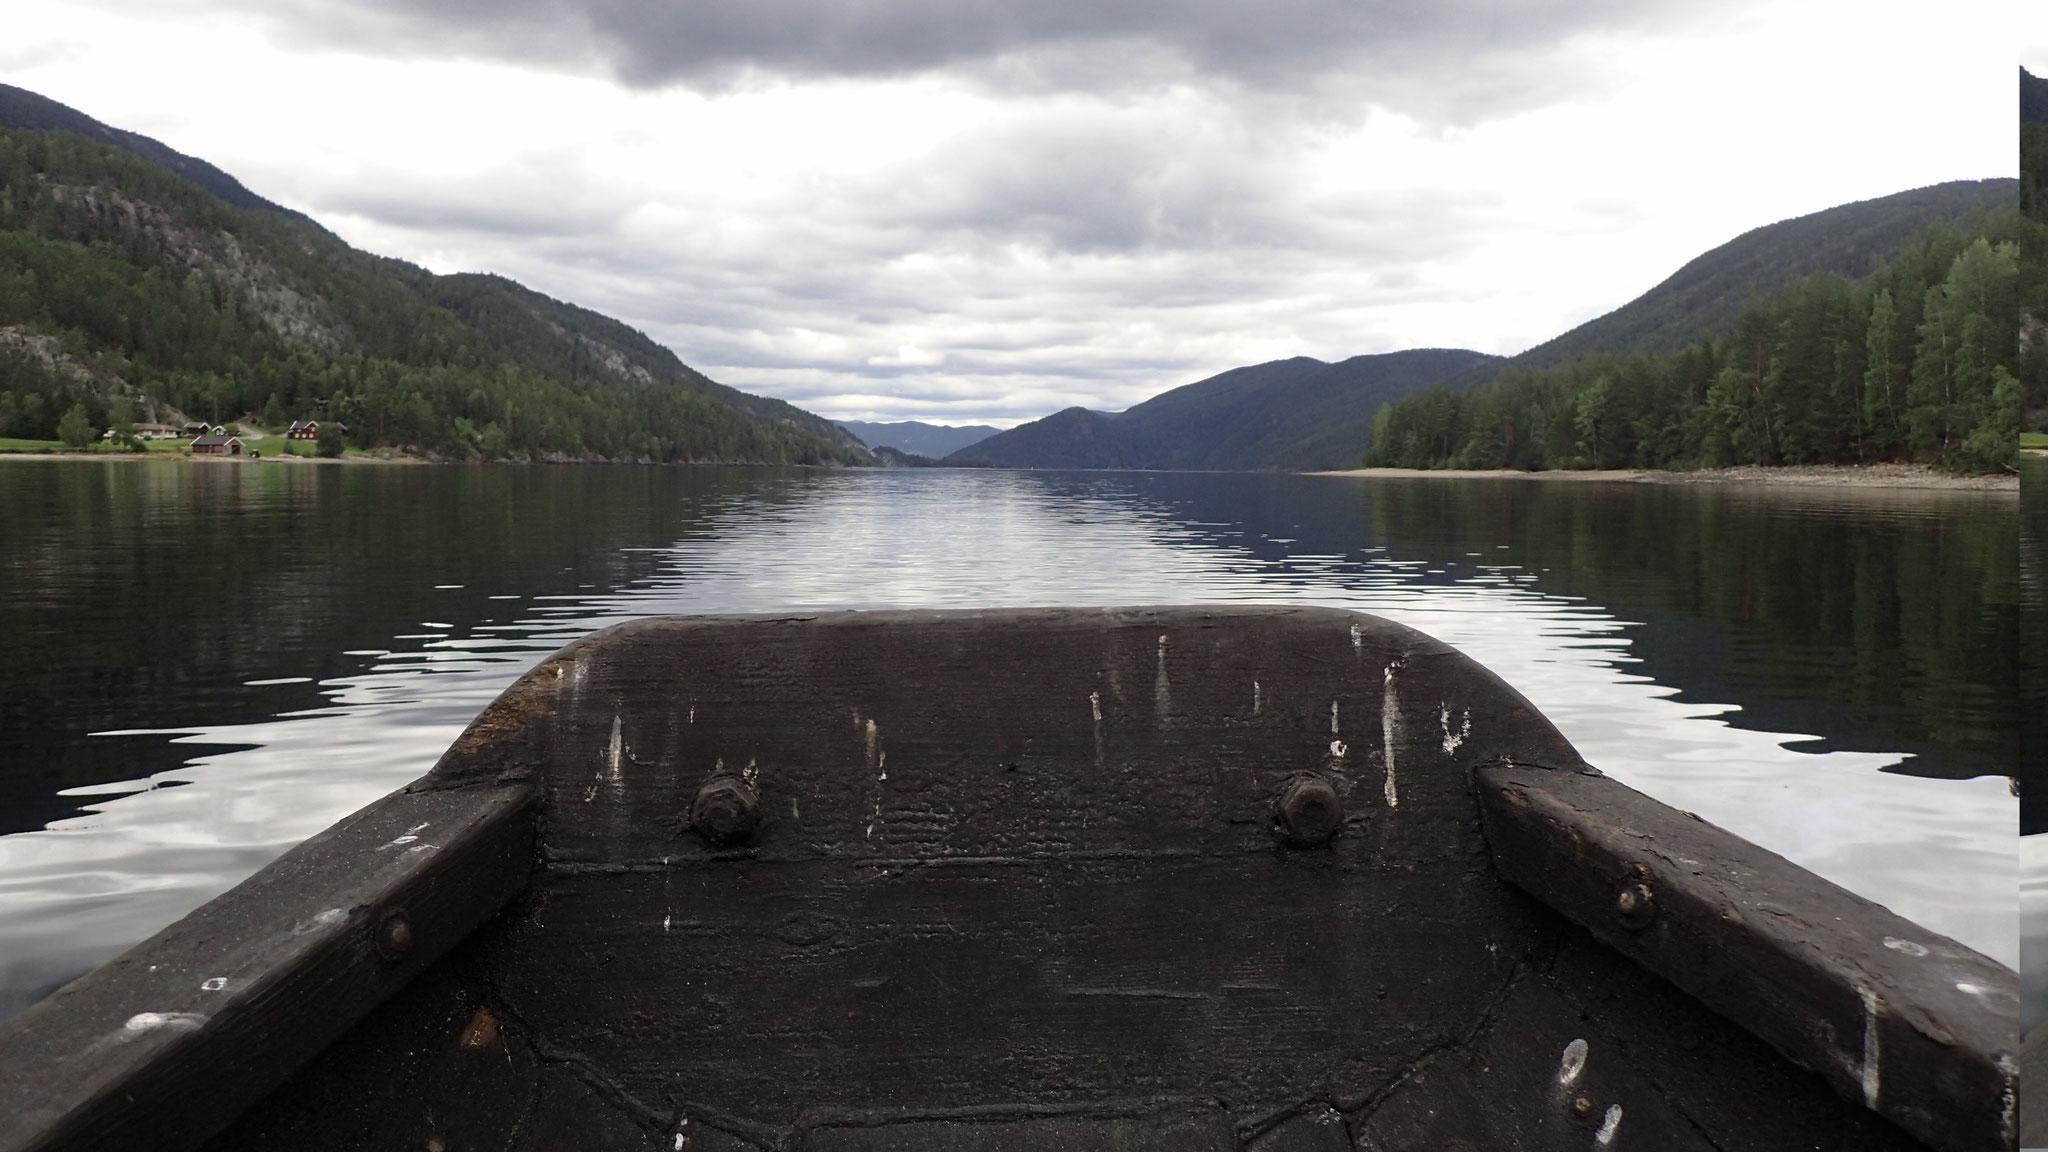 Bootstour mit beeindruckender Aussicht